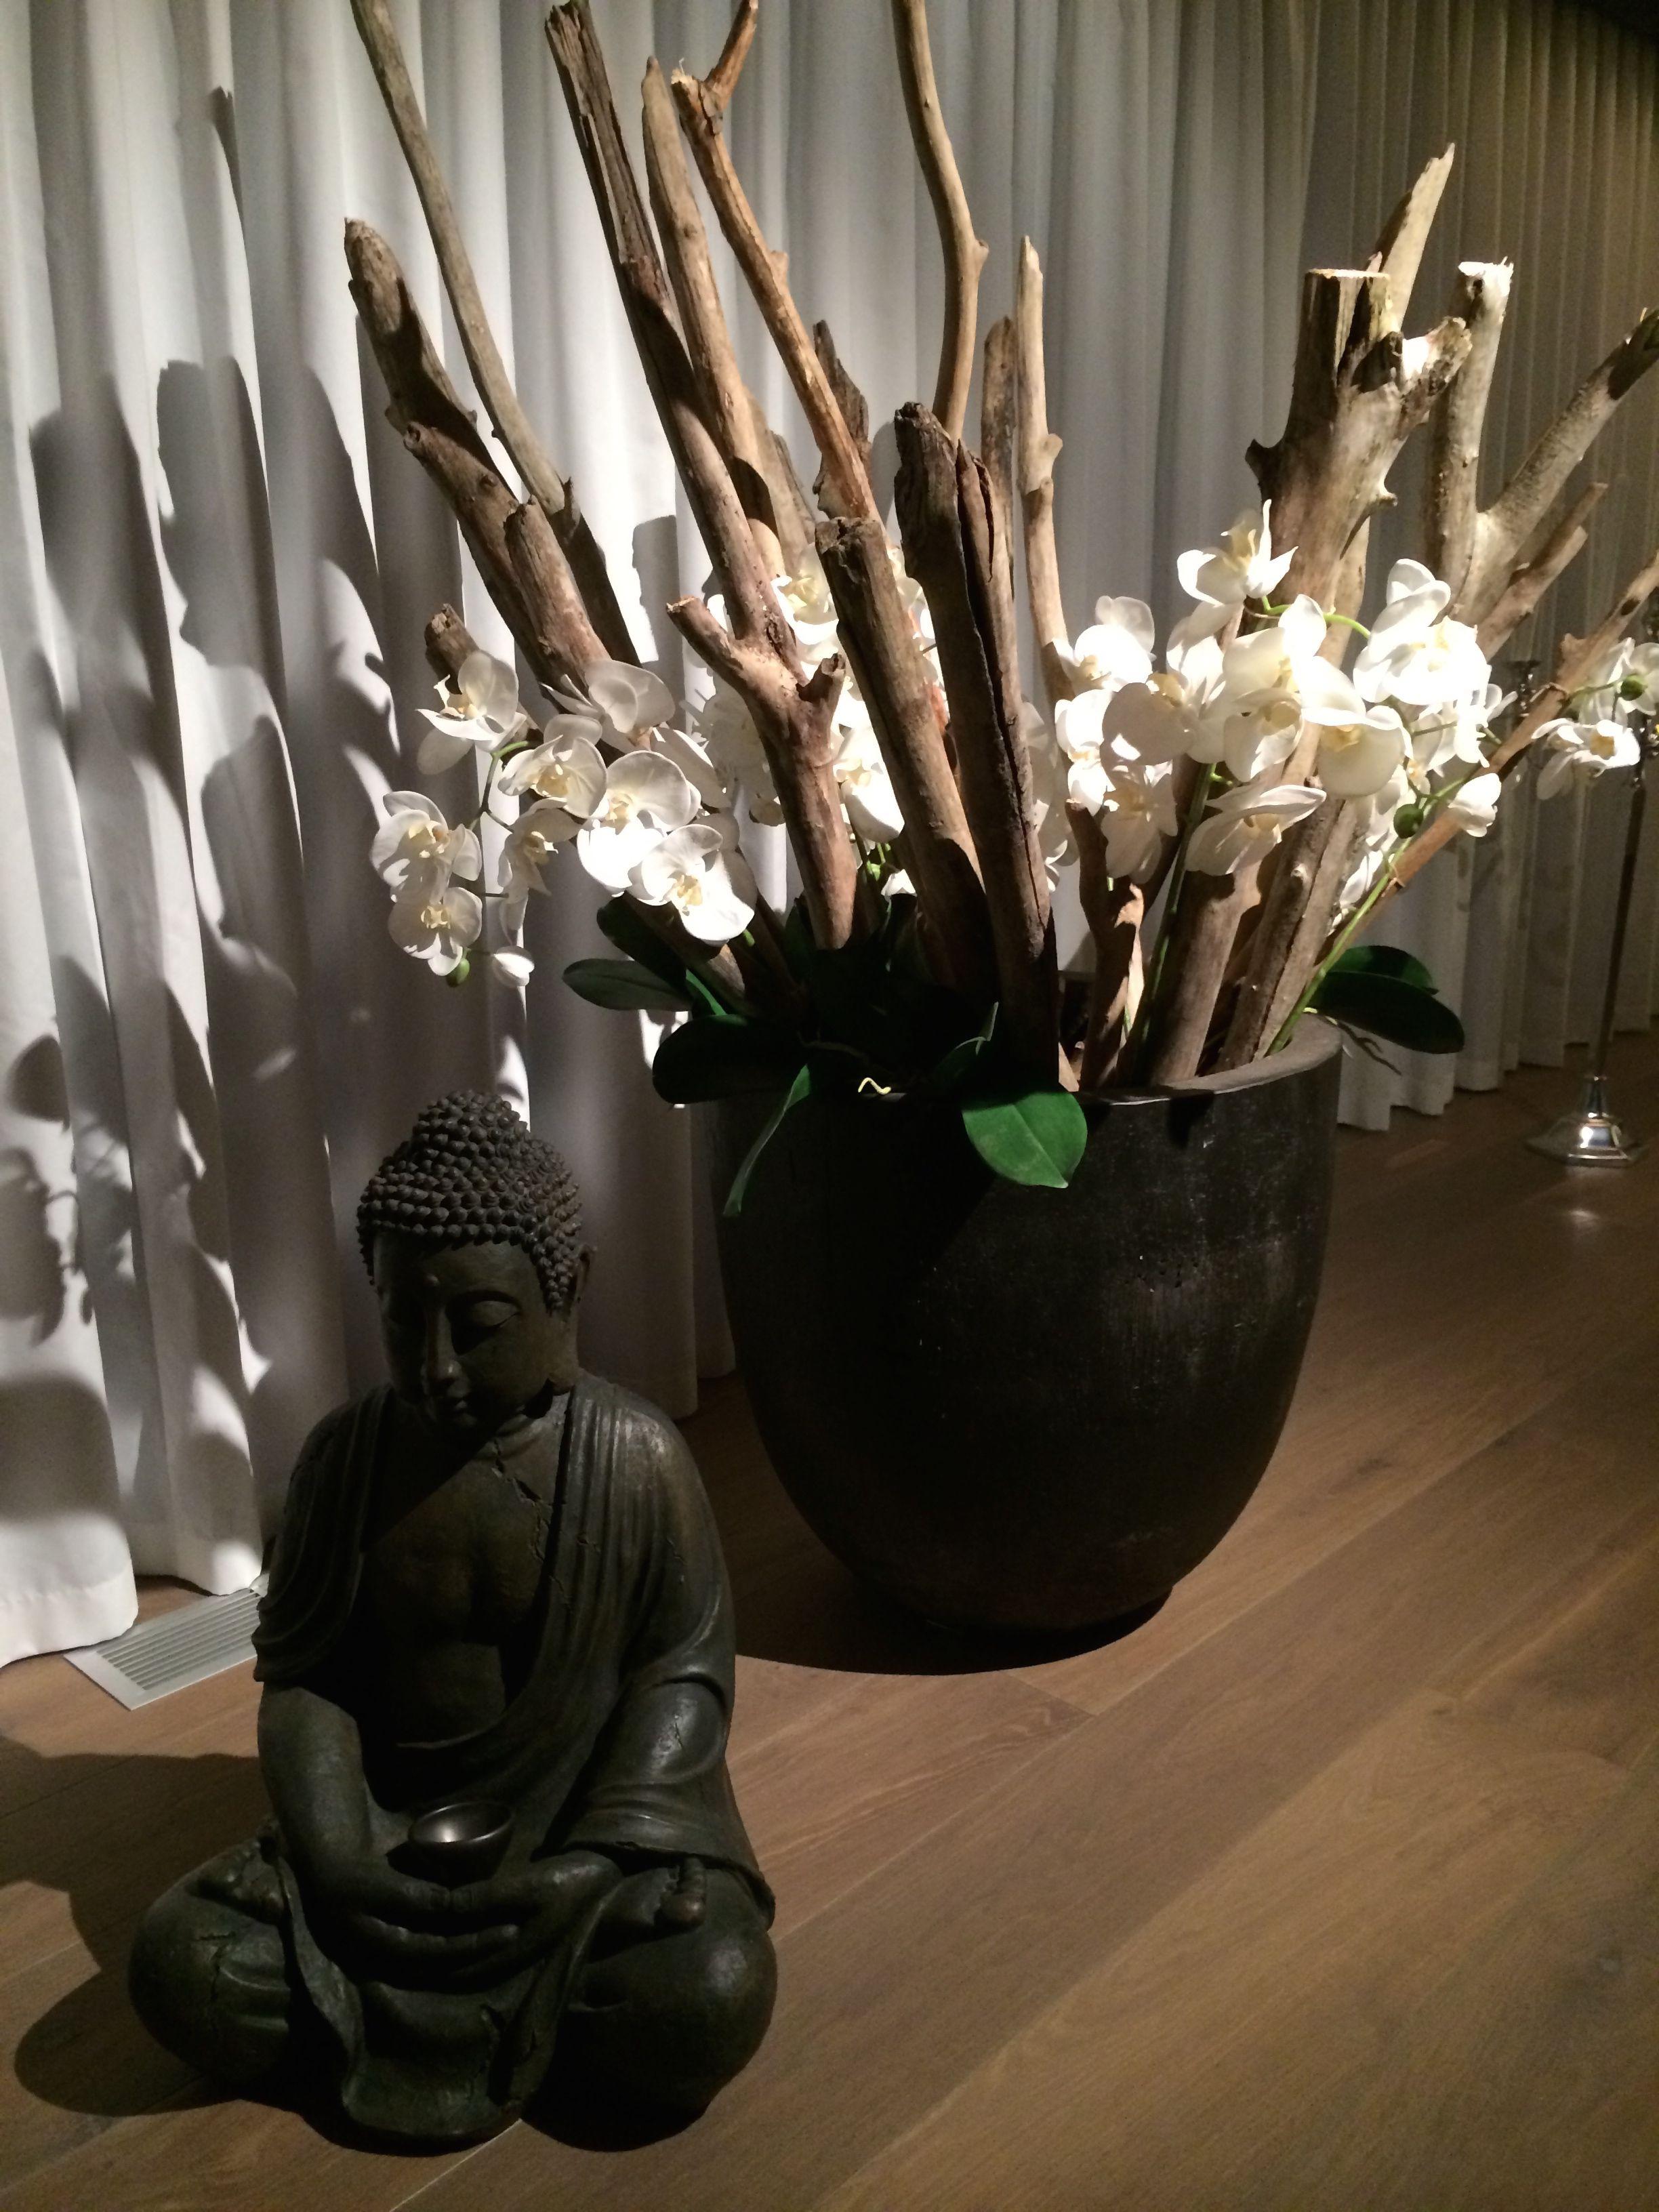 Einfache Dekoration Und Mobel Zuhause Einen Kuehlen Kopf Bewahren #17: Pinterest